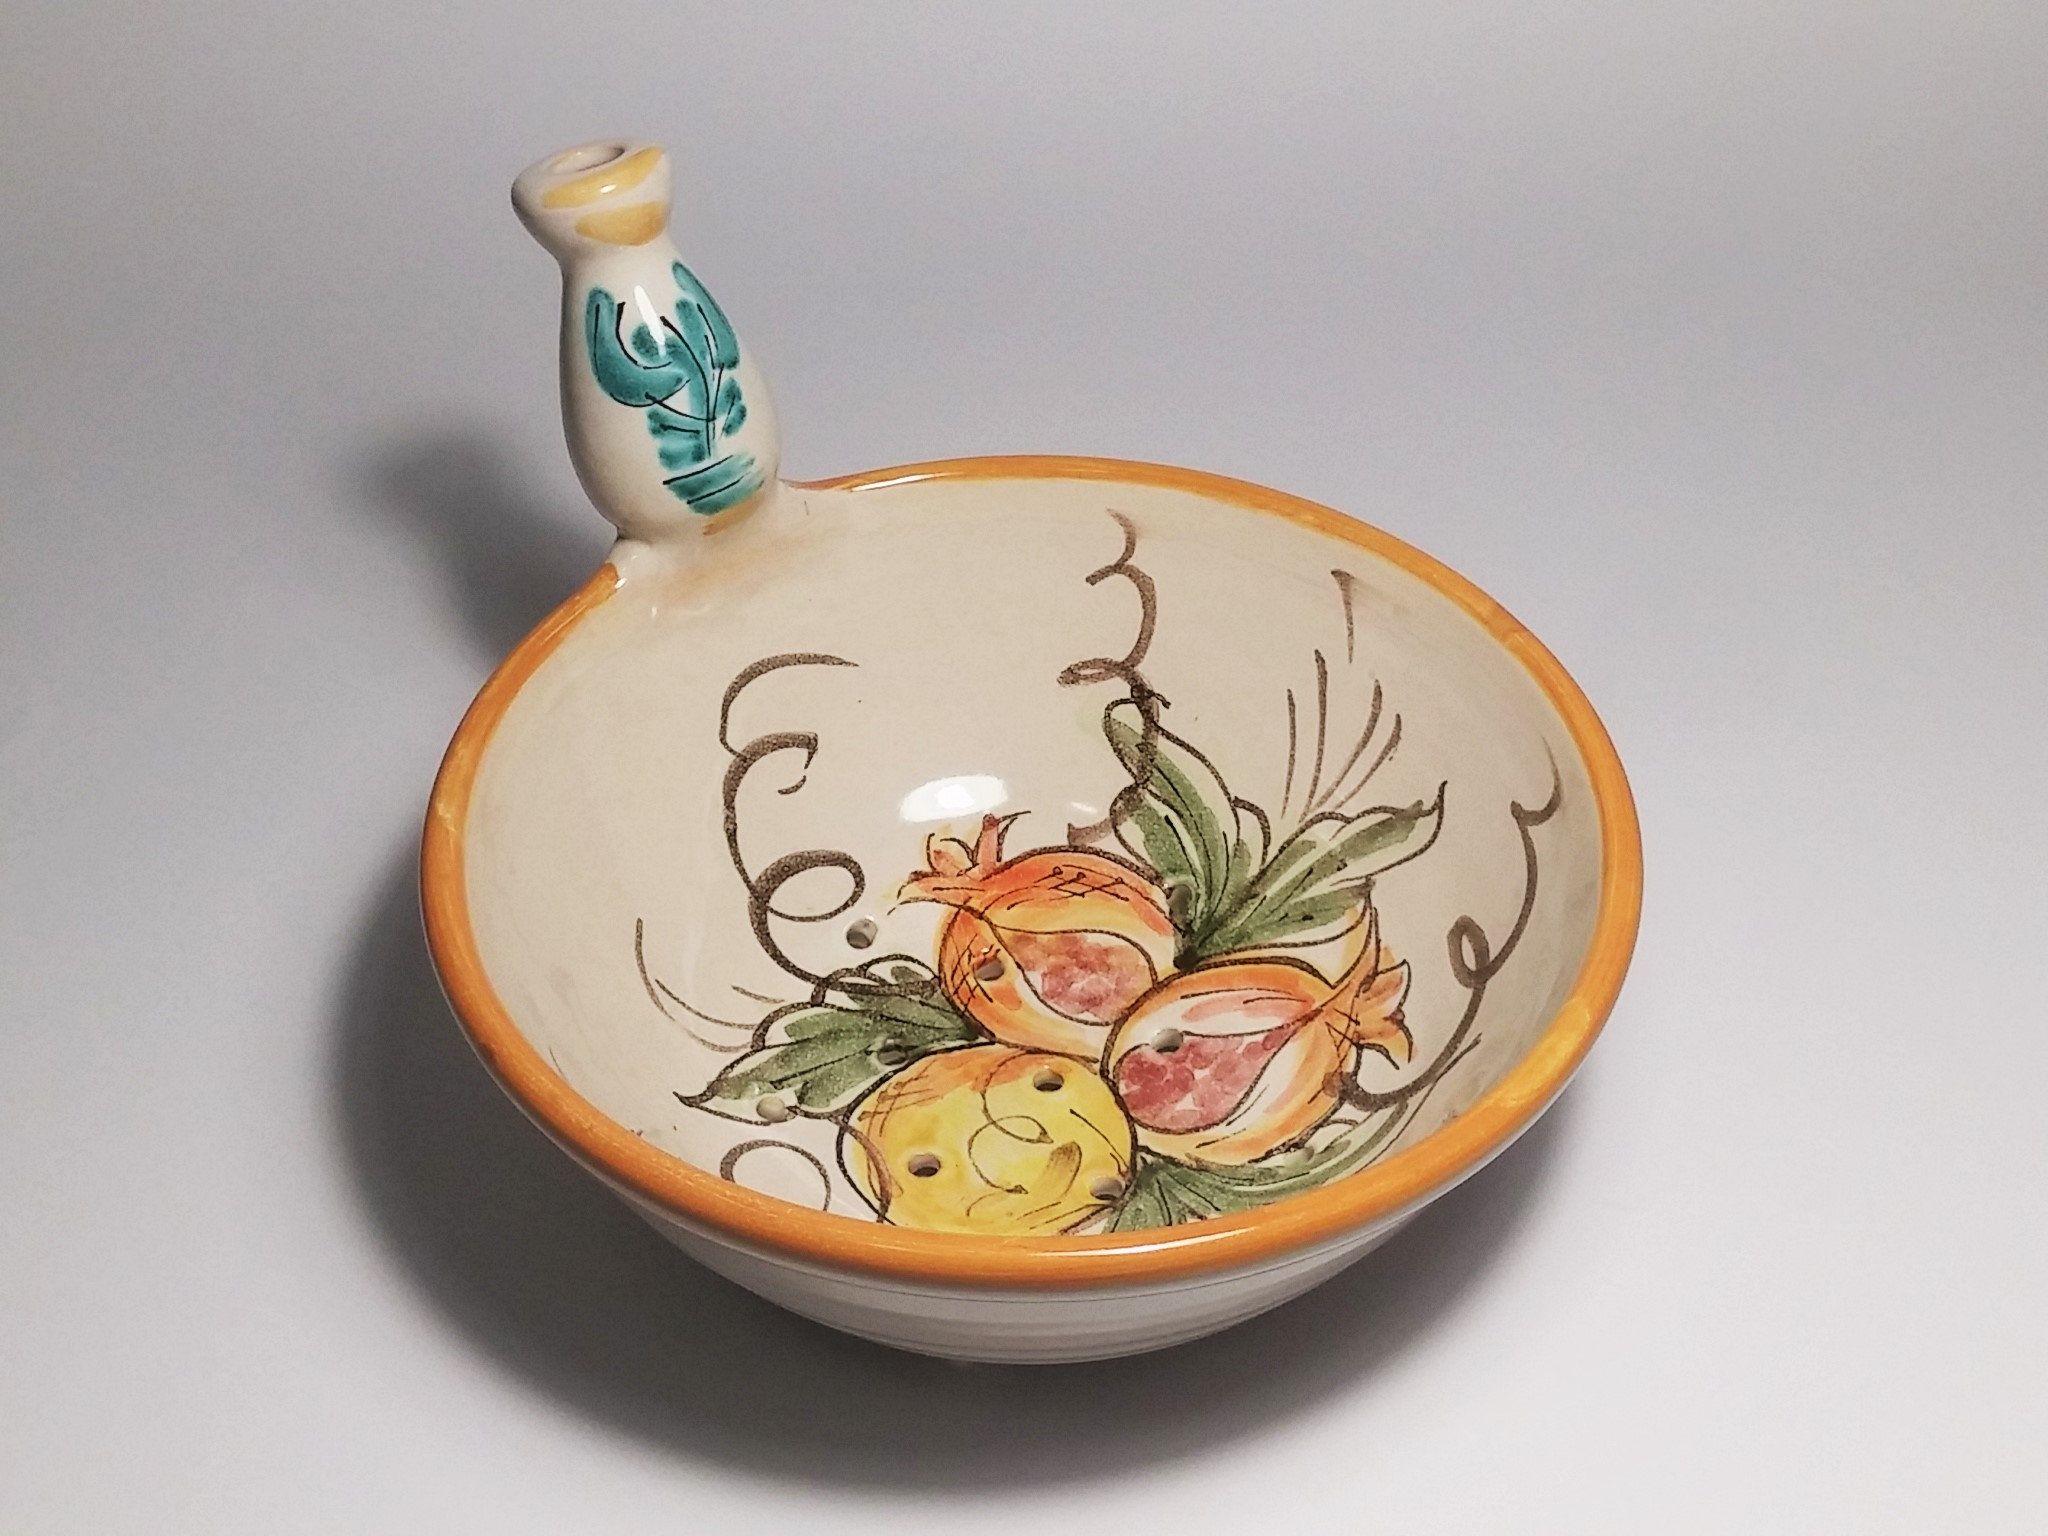 ceramica artistica caltagirone 8,00 €. Pin On Ceramica